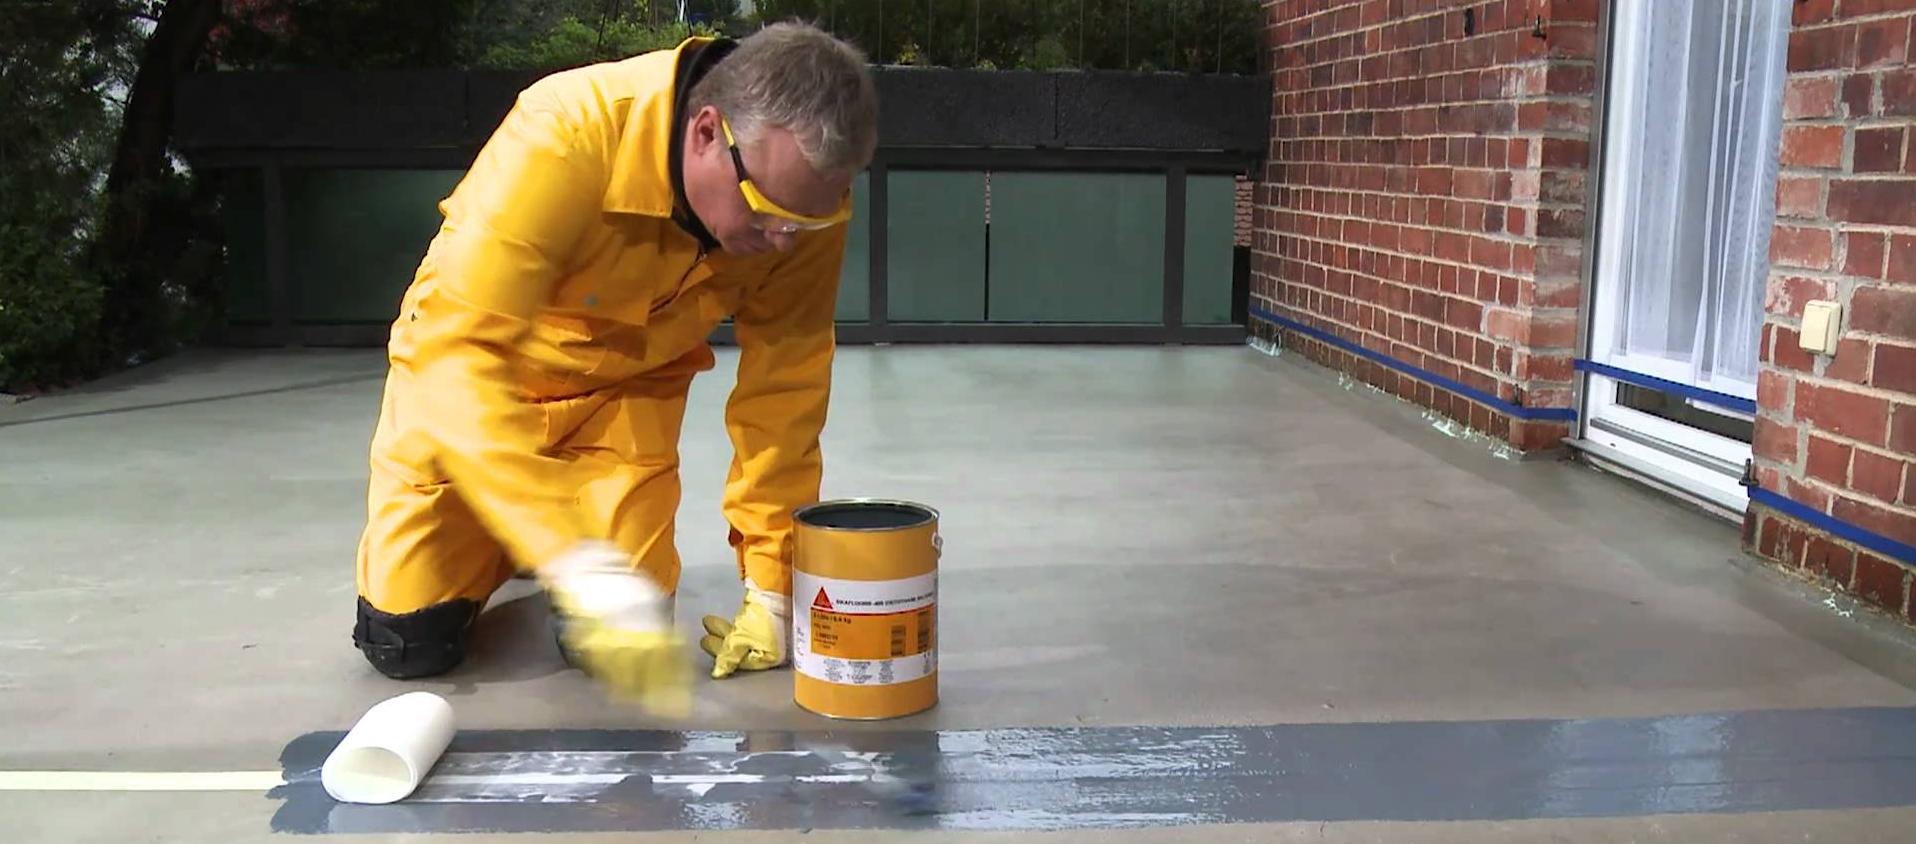 Concrete Restoration - Bonding, Anchoring & Crack Repair